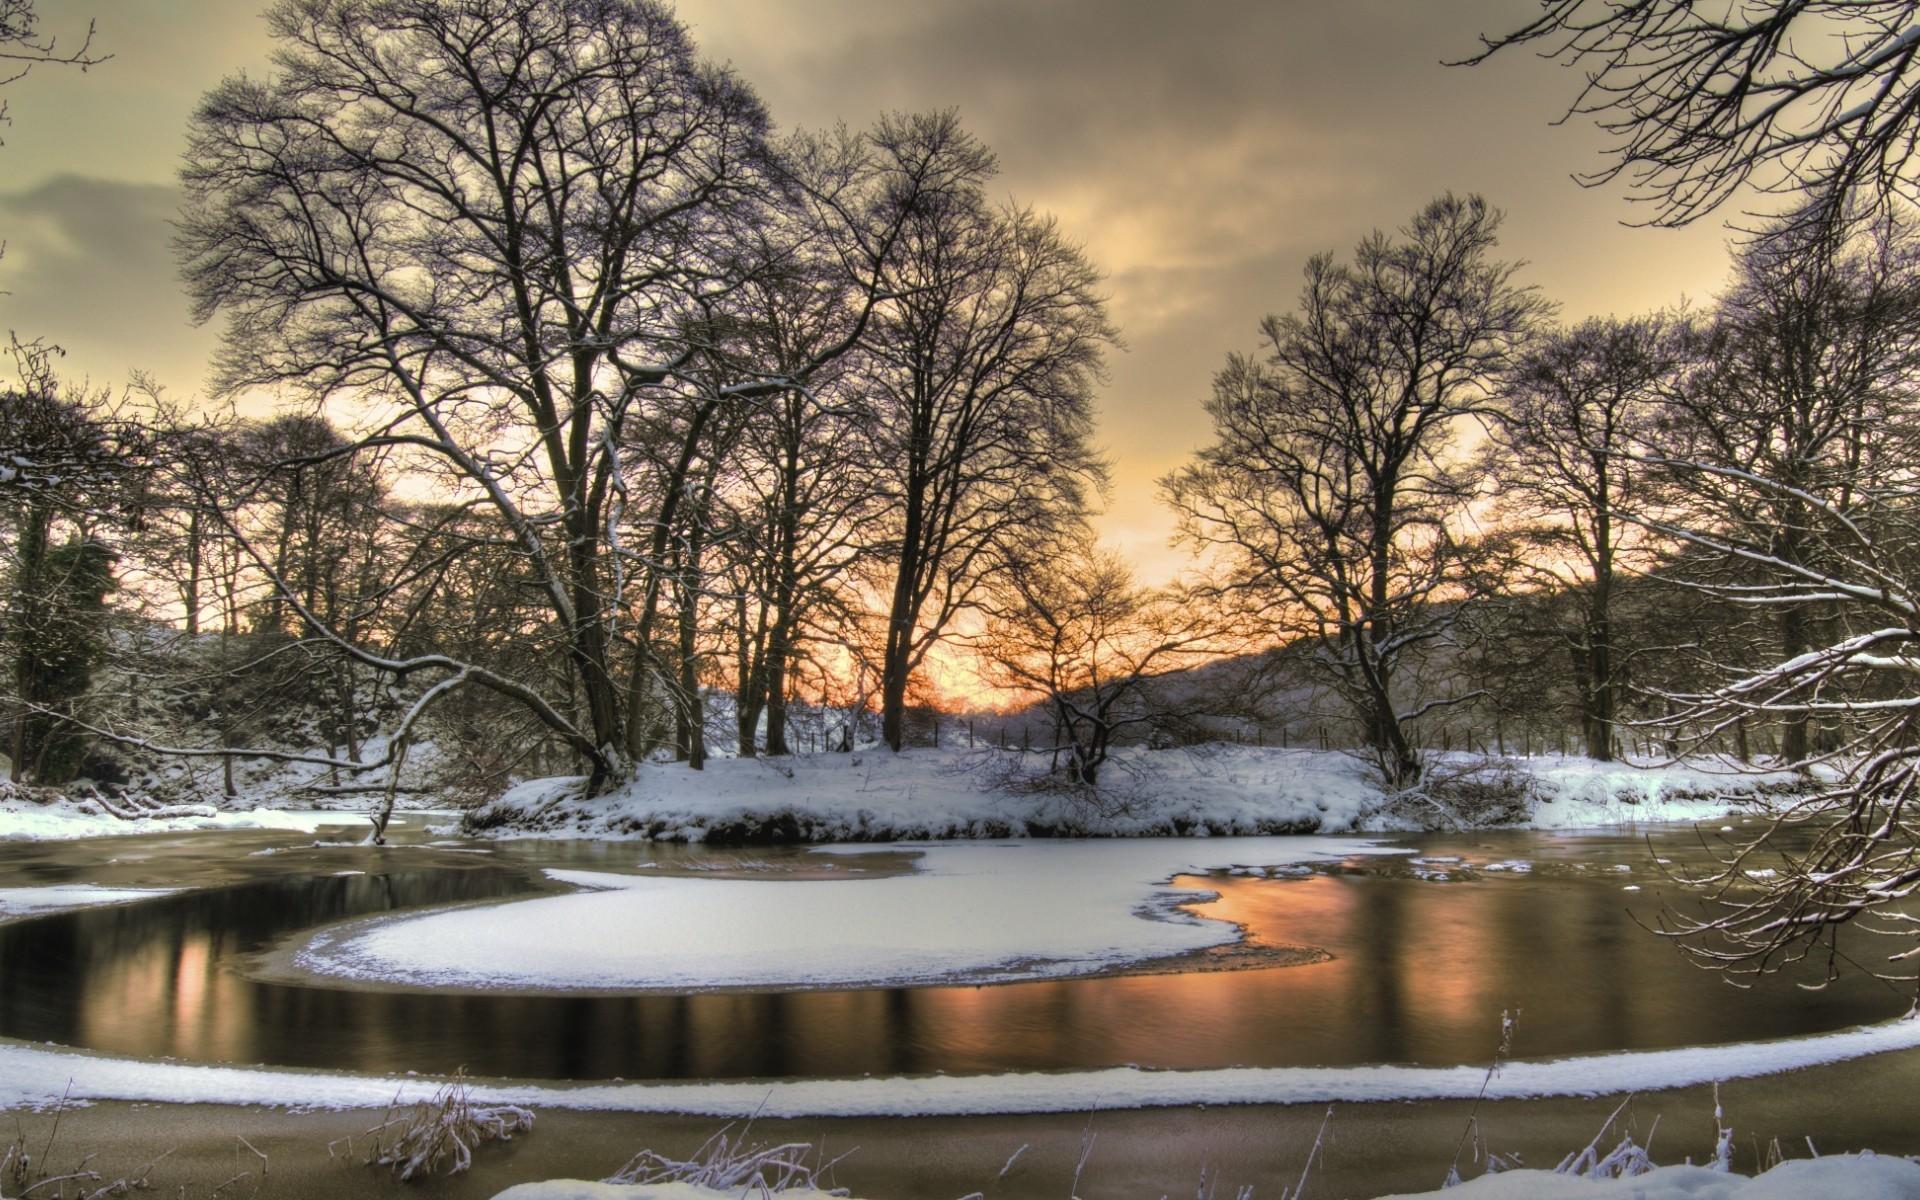 22418 скачать обои Пейзаж, Зима, Река, Деревья, Снег - заставки и картинки бесплатно